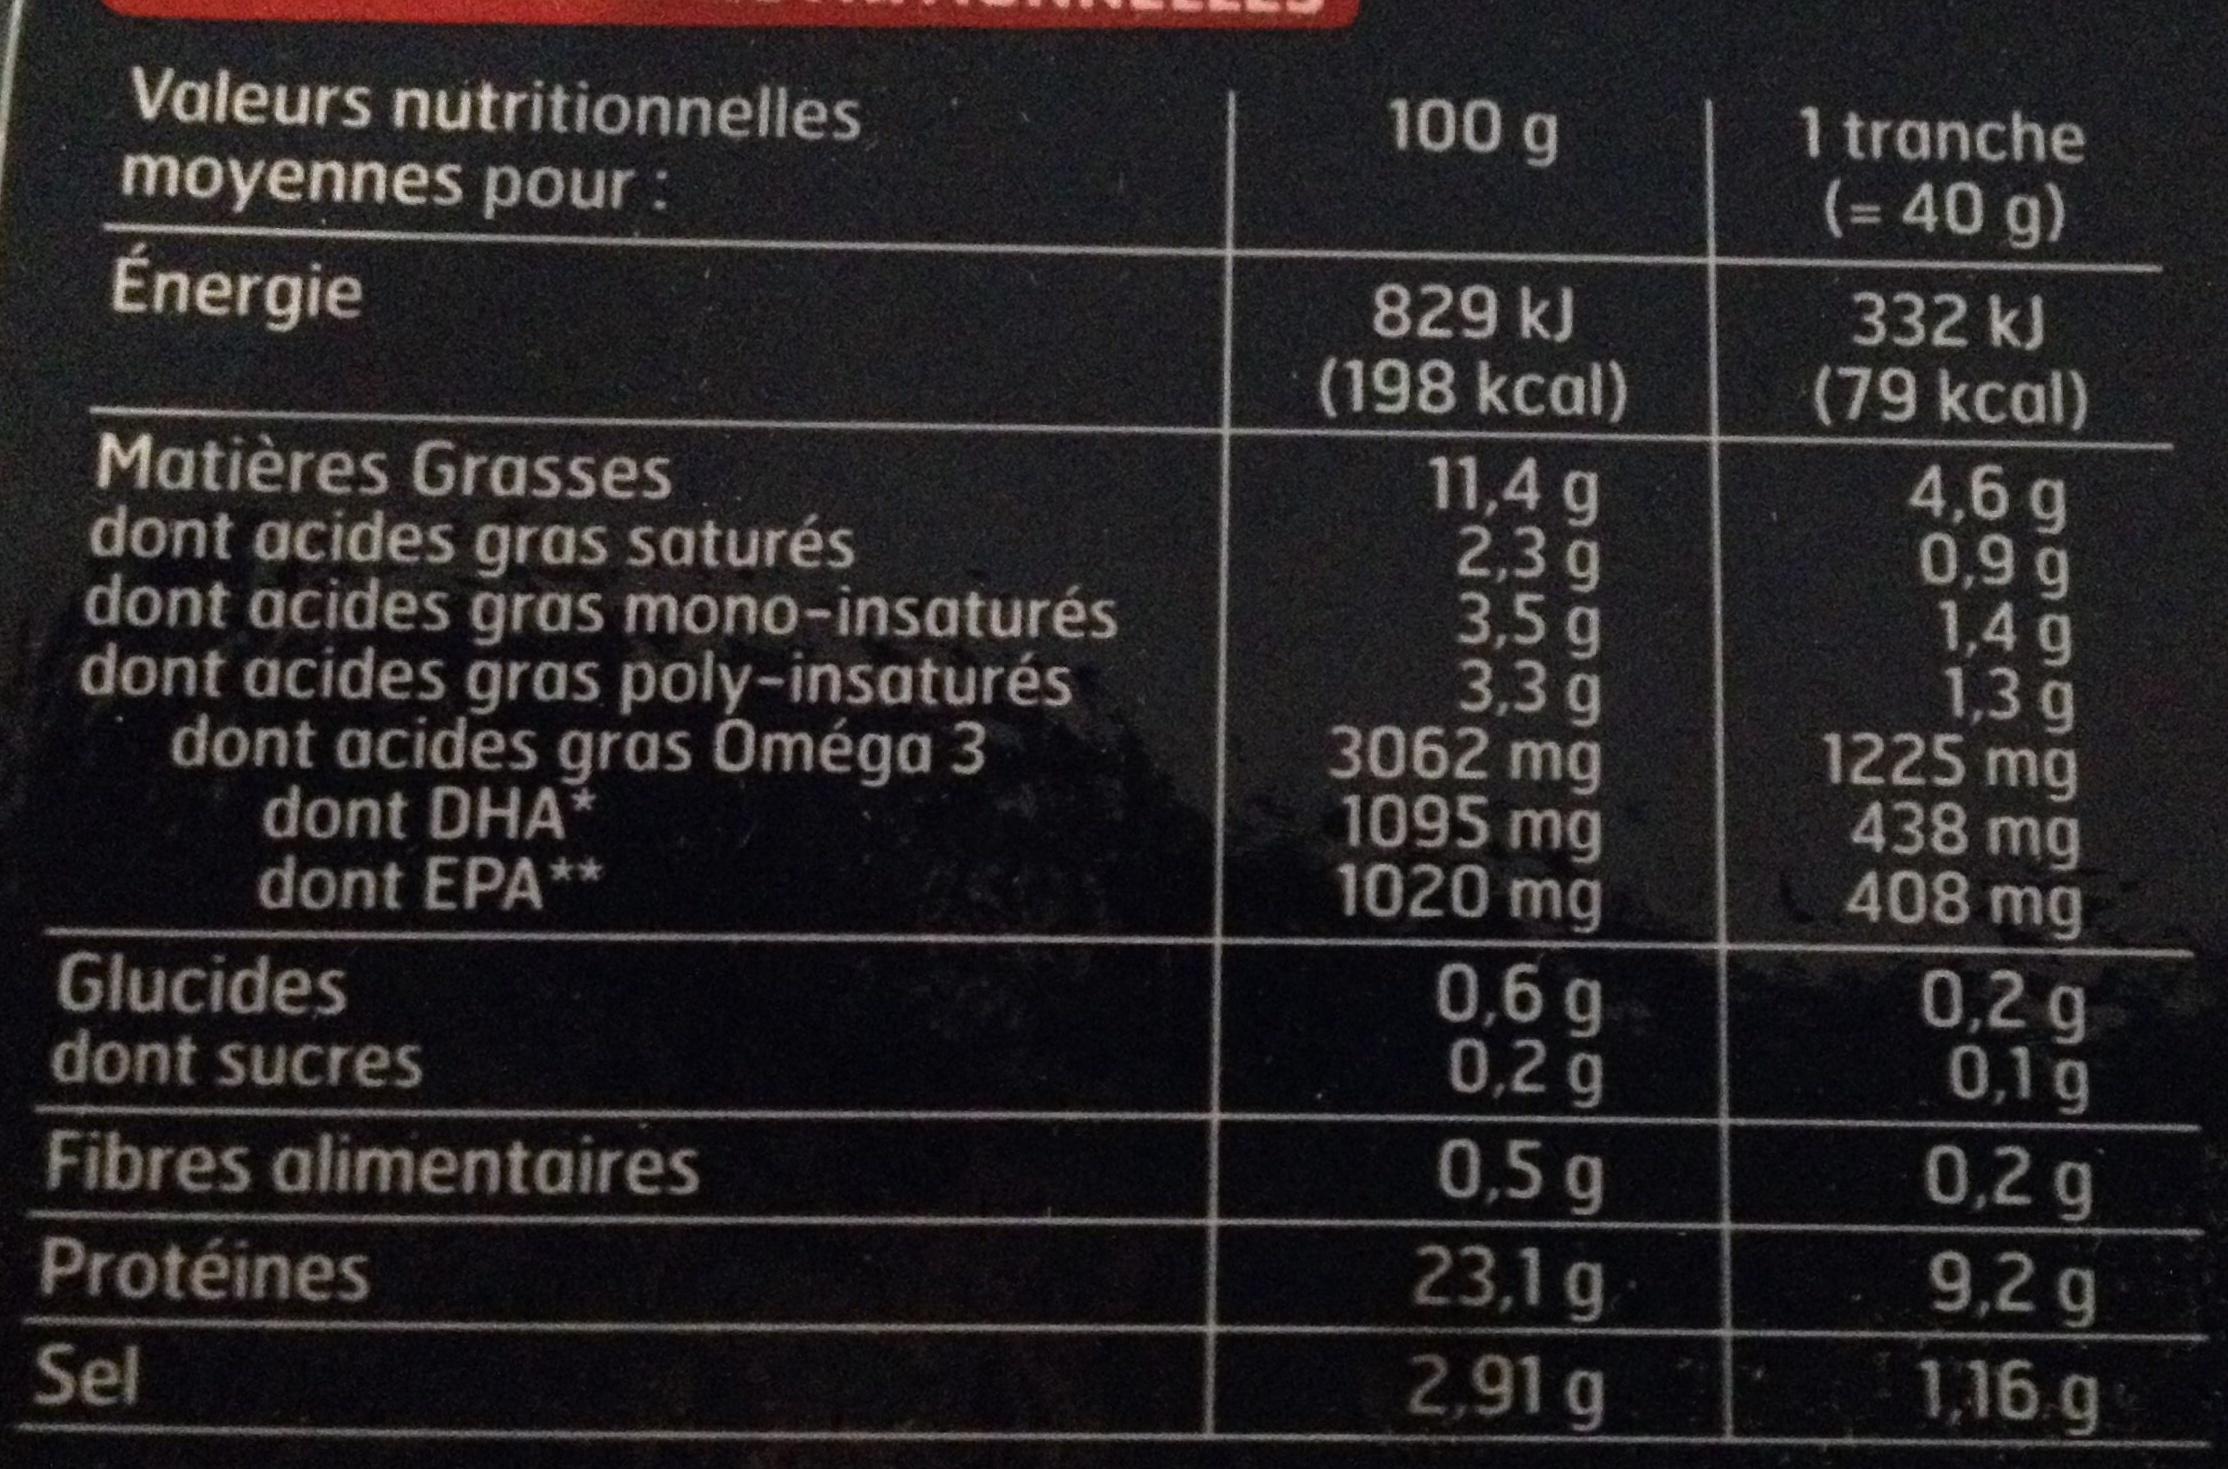 Saumon fumé d'Ecosse Label Rouge 2 tranches - Voedingswaarden - fr